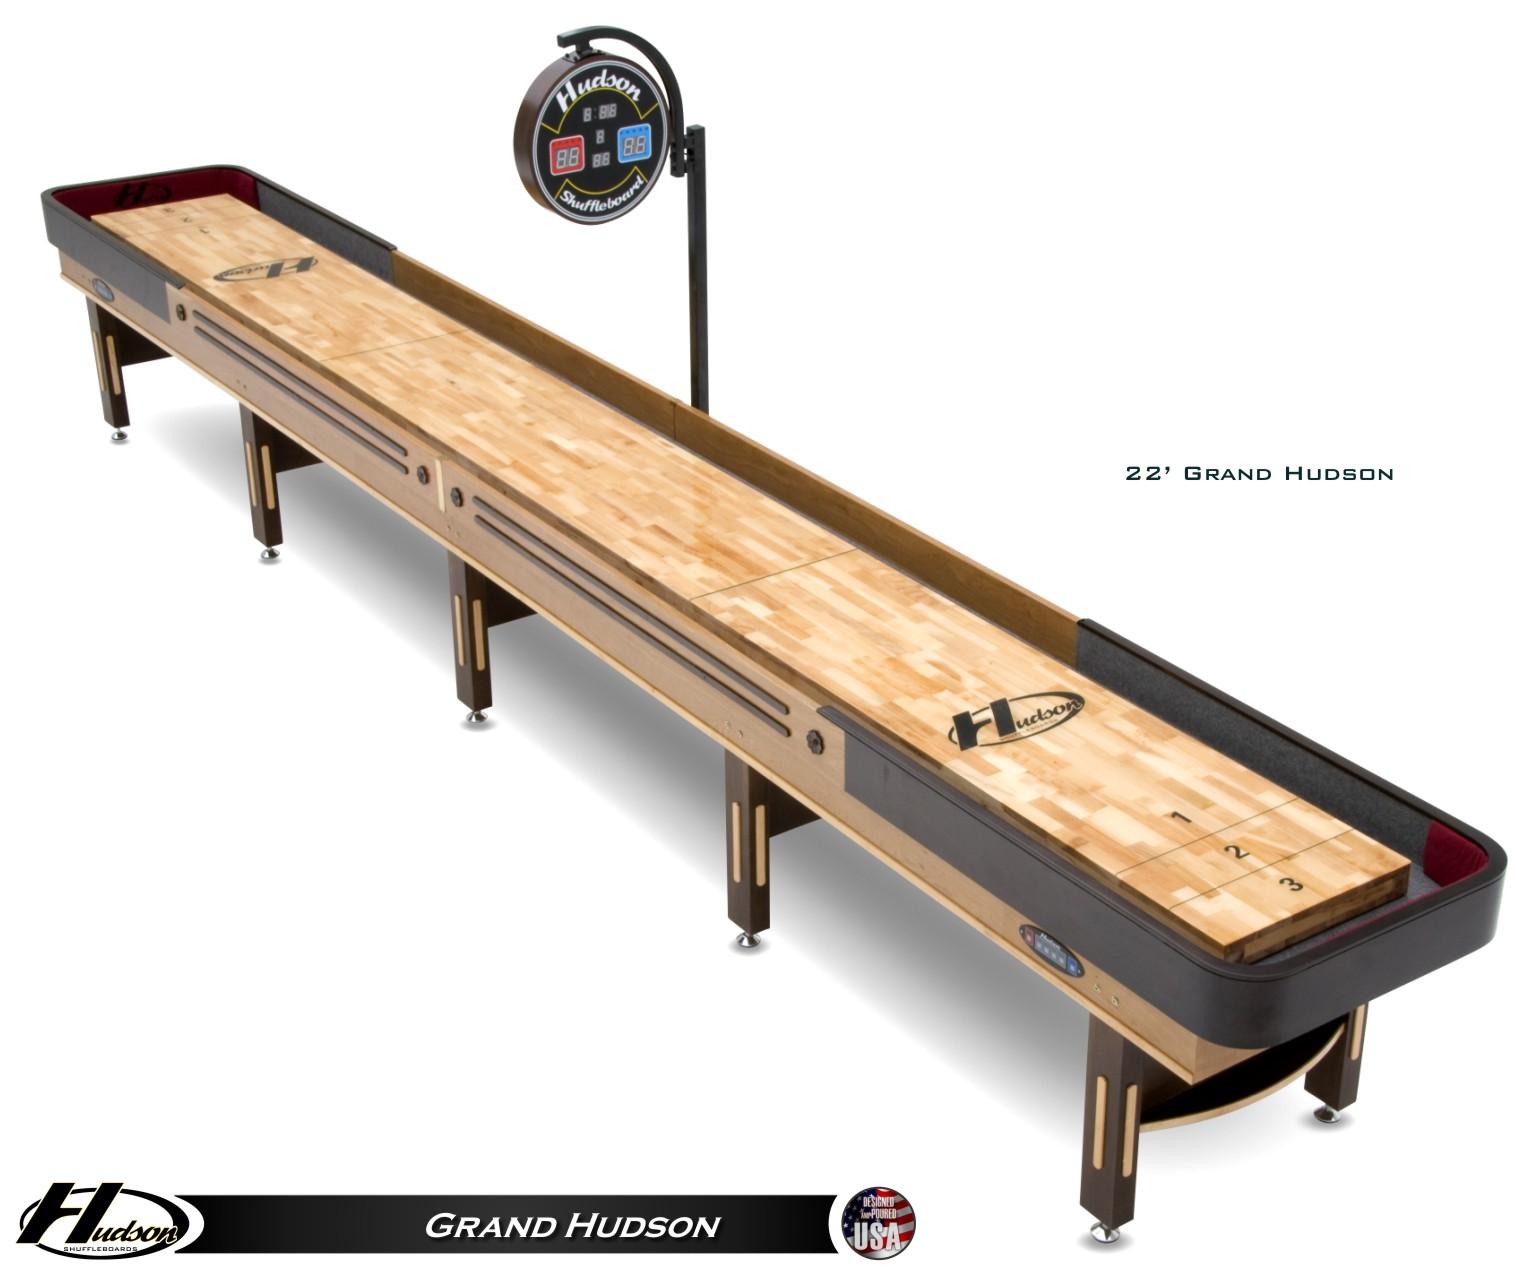 9 Grand Hudson Shuffleboard Table Shuffleboard Net